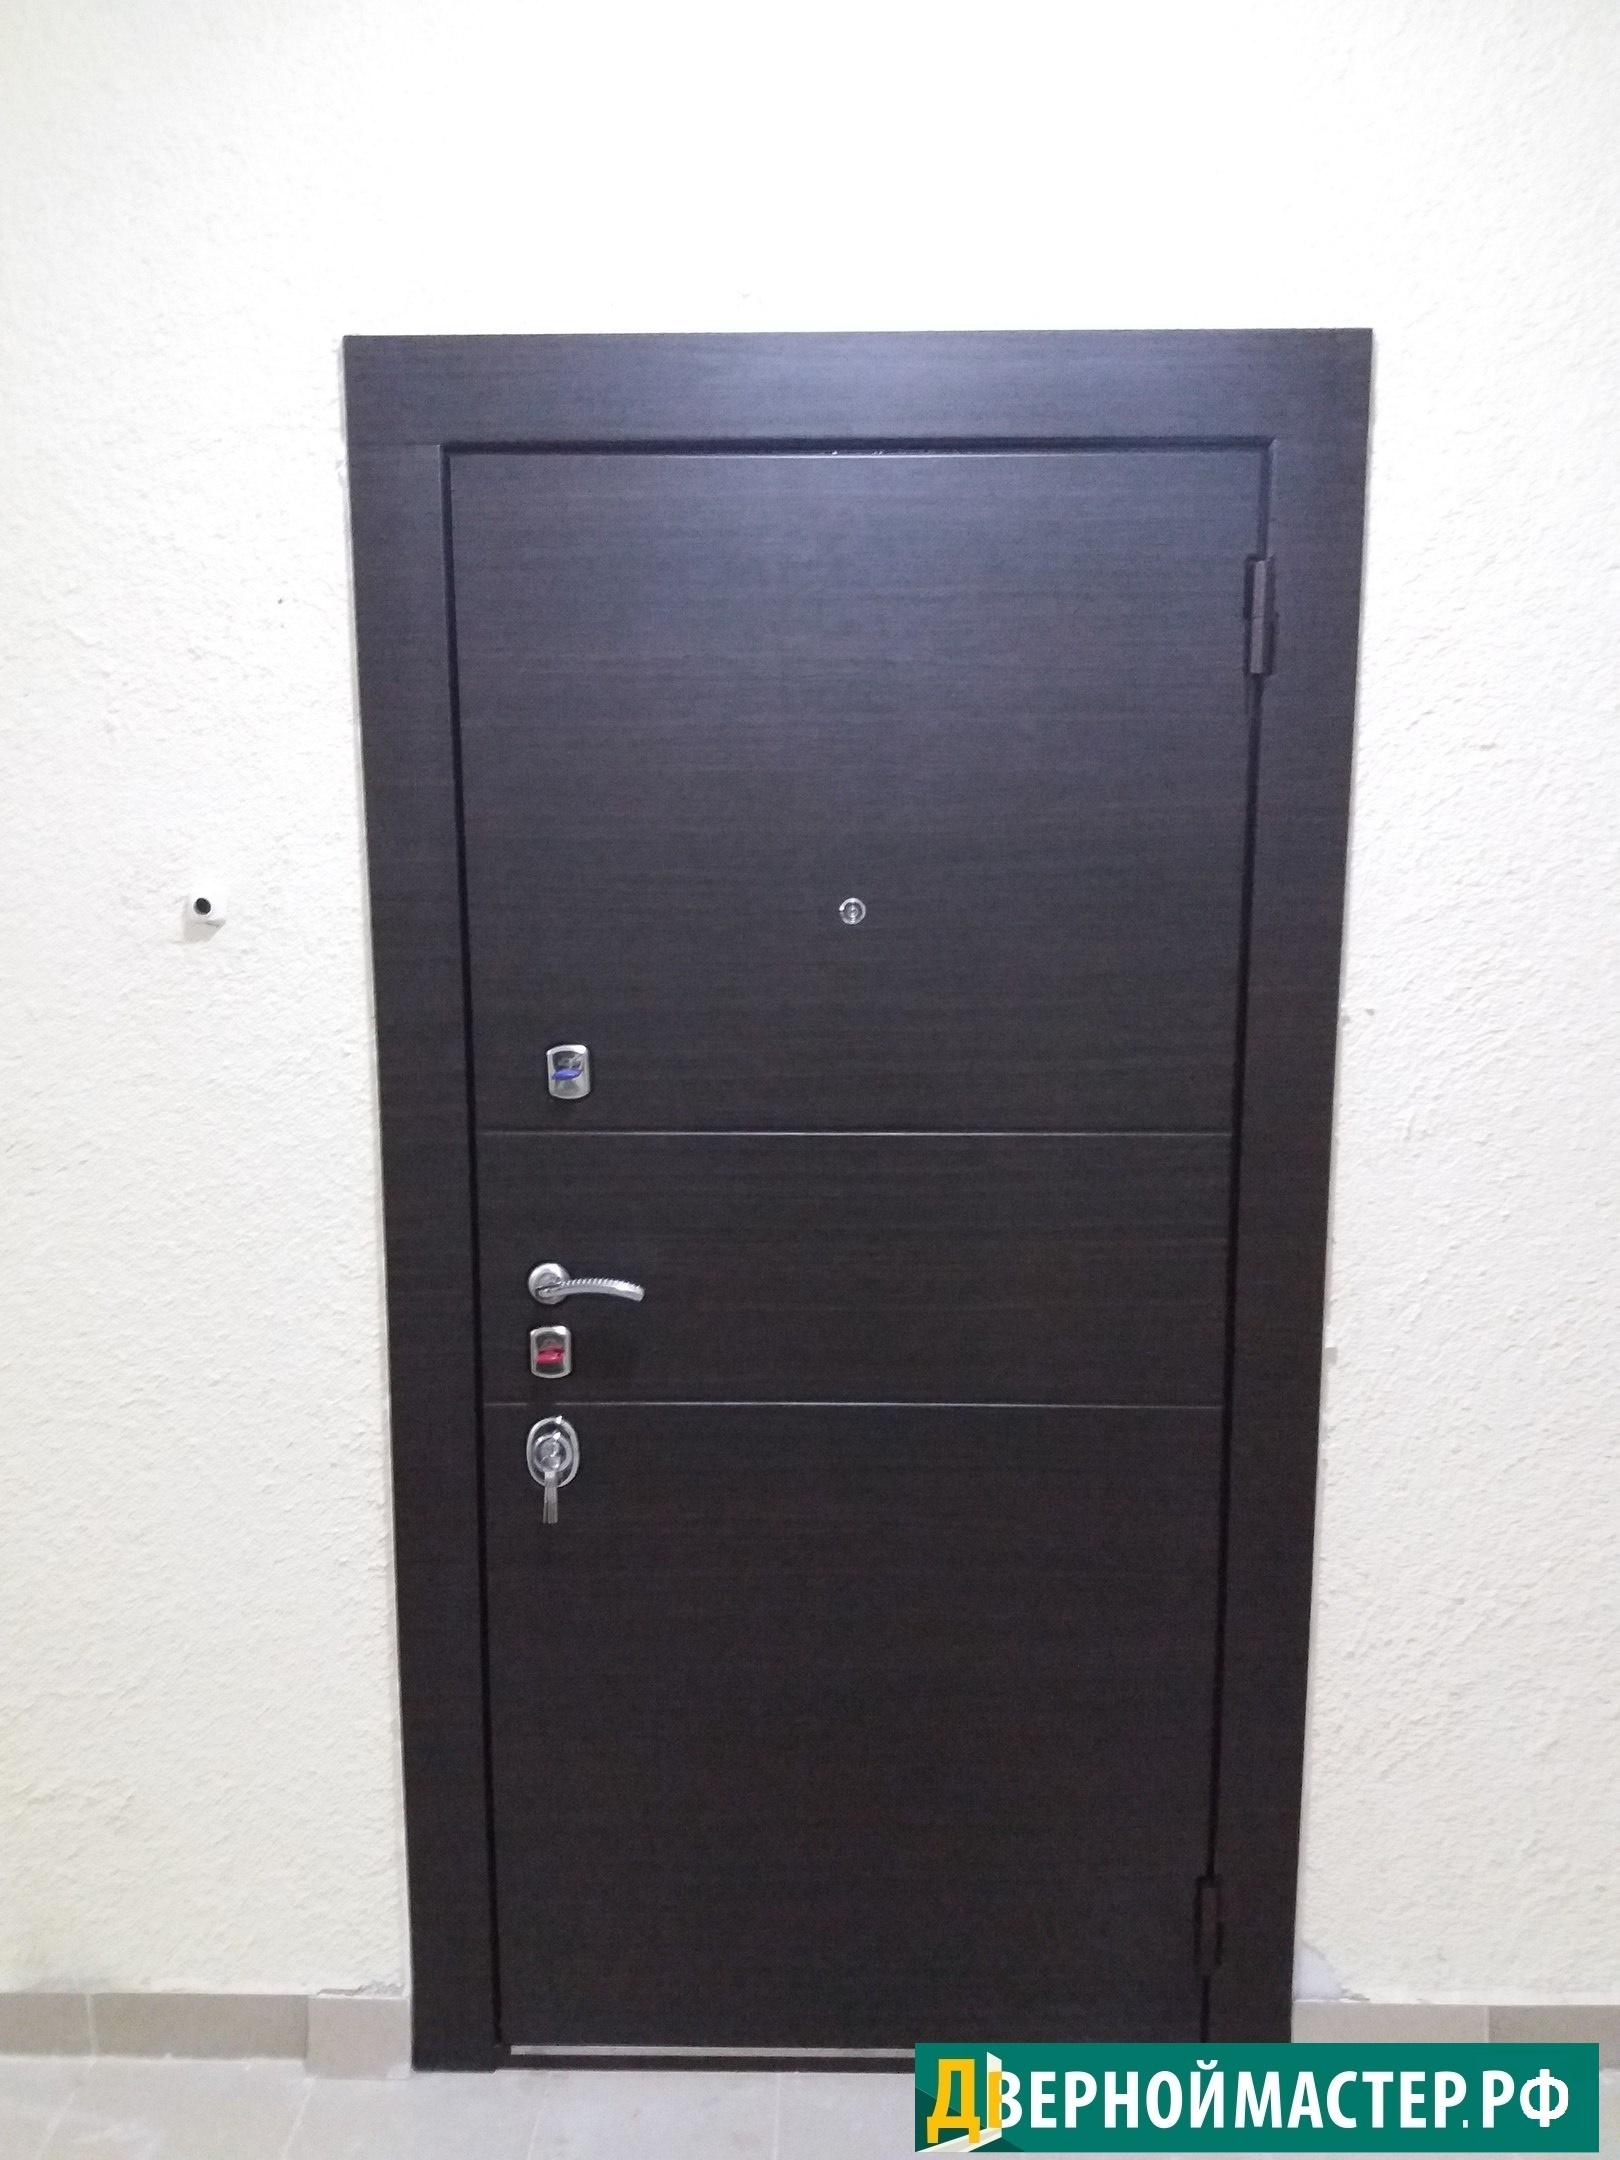 Купить входную дверь в Москве в квартиру с установкой под ключ выгодно.